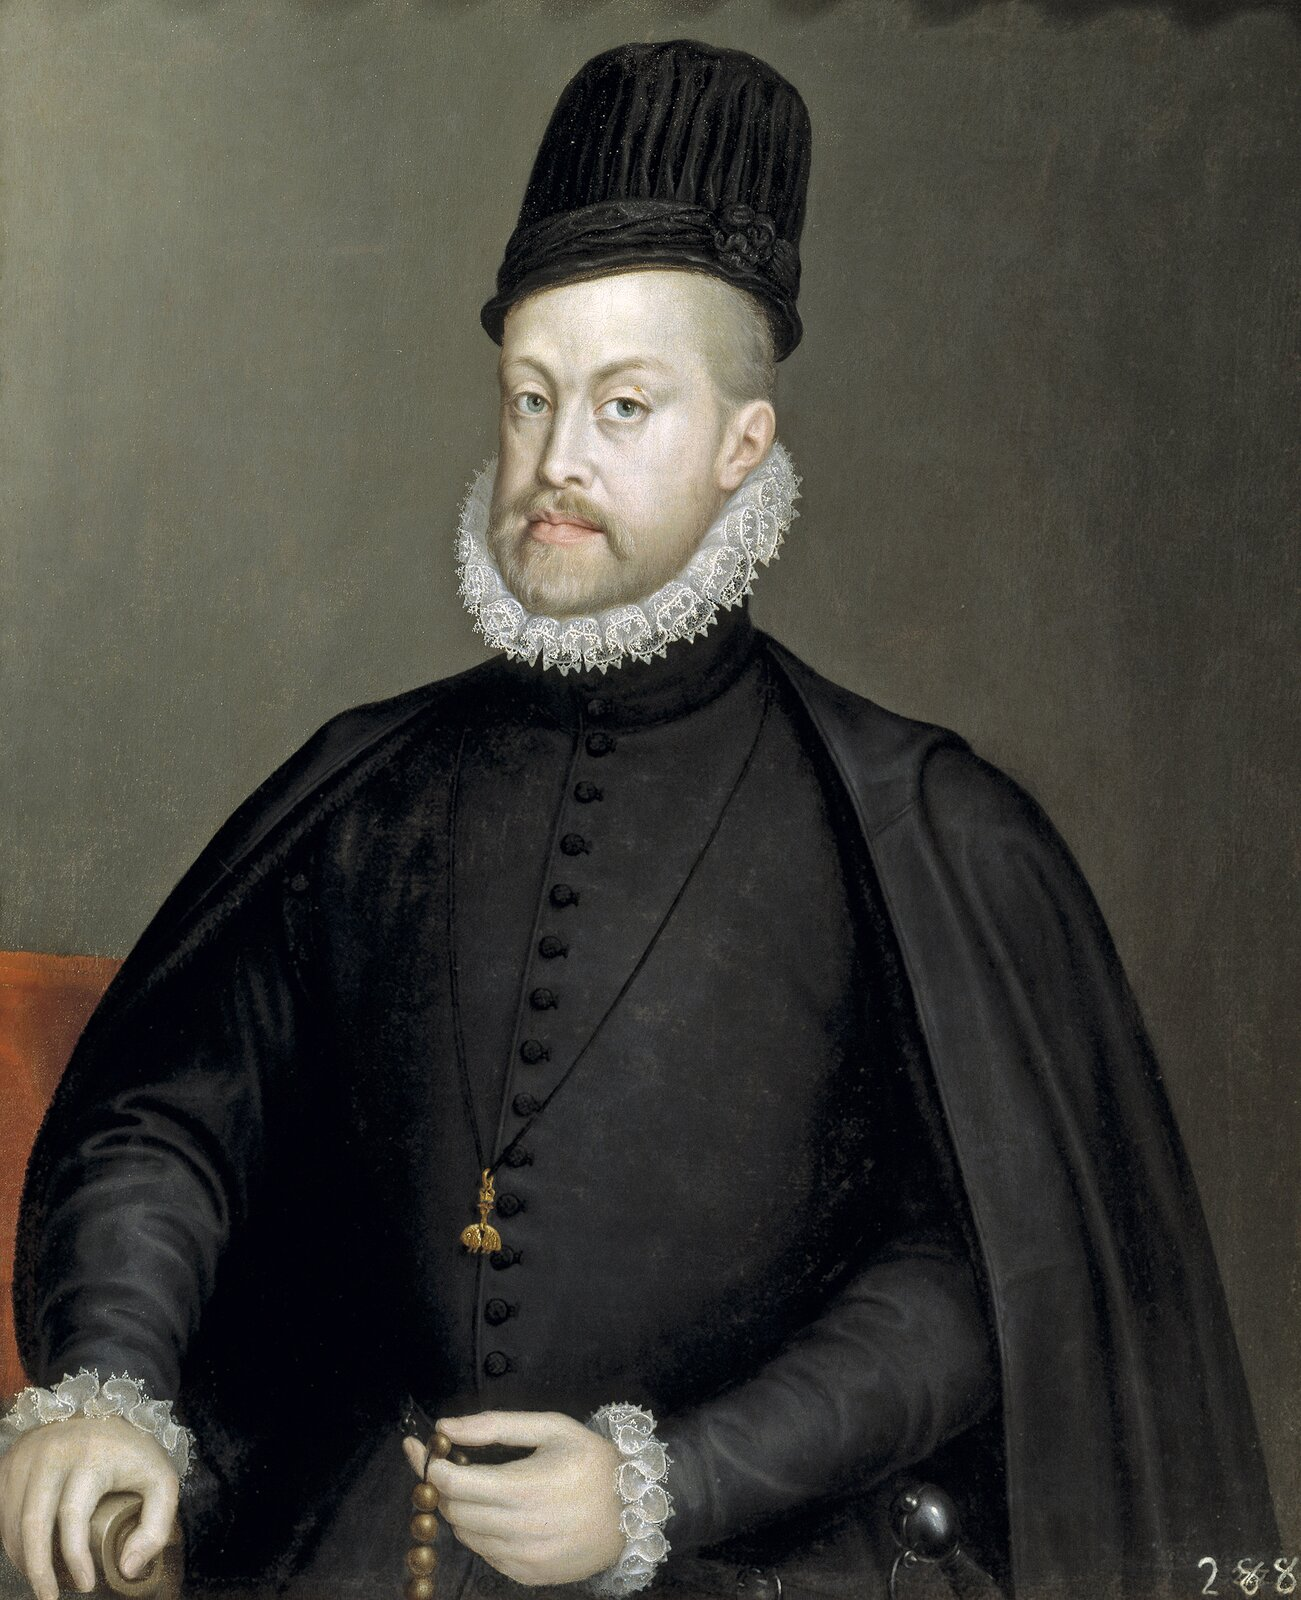 """Filip II FilipII wczarnym stroju, co było charakterystyczne wjego wyglądzie wlatach dojrzałych. Na szyi order Złotego Runa, wręku papieski tzw. """"złoty różaniec"""", wręczony mu uroczyście zokazji zwycięstwa nad flotą turecką pod Lepanto. Źródło: Sofonisba Anguissola, Filip II, 1565, olej na płótnie, Prado Museum, domena publiczna."""